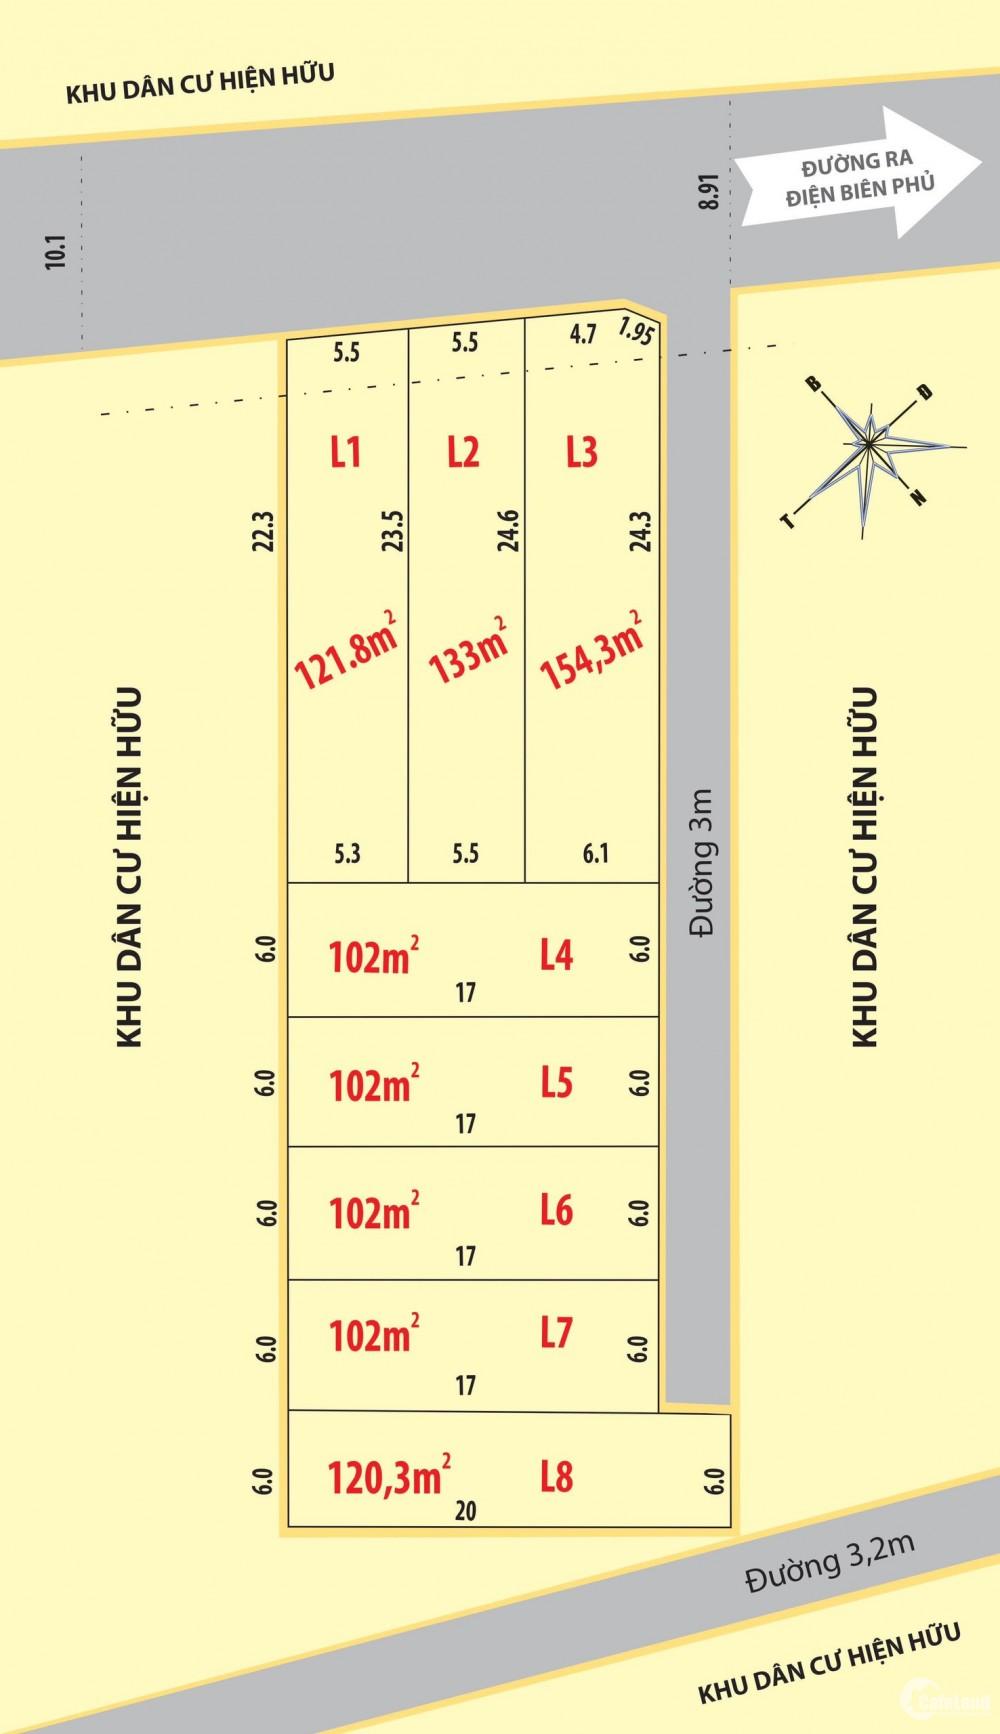 Sở hữu đất mặt tiền cảnh quan & khí hậu mát mẻ ngay trung tâm TP Huế chỉ với 7xx